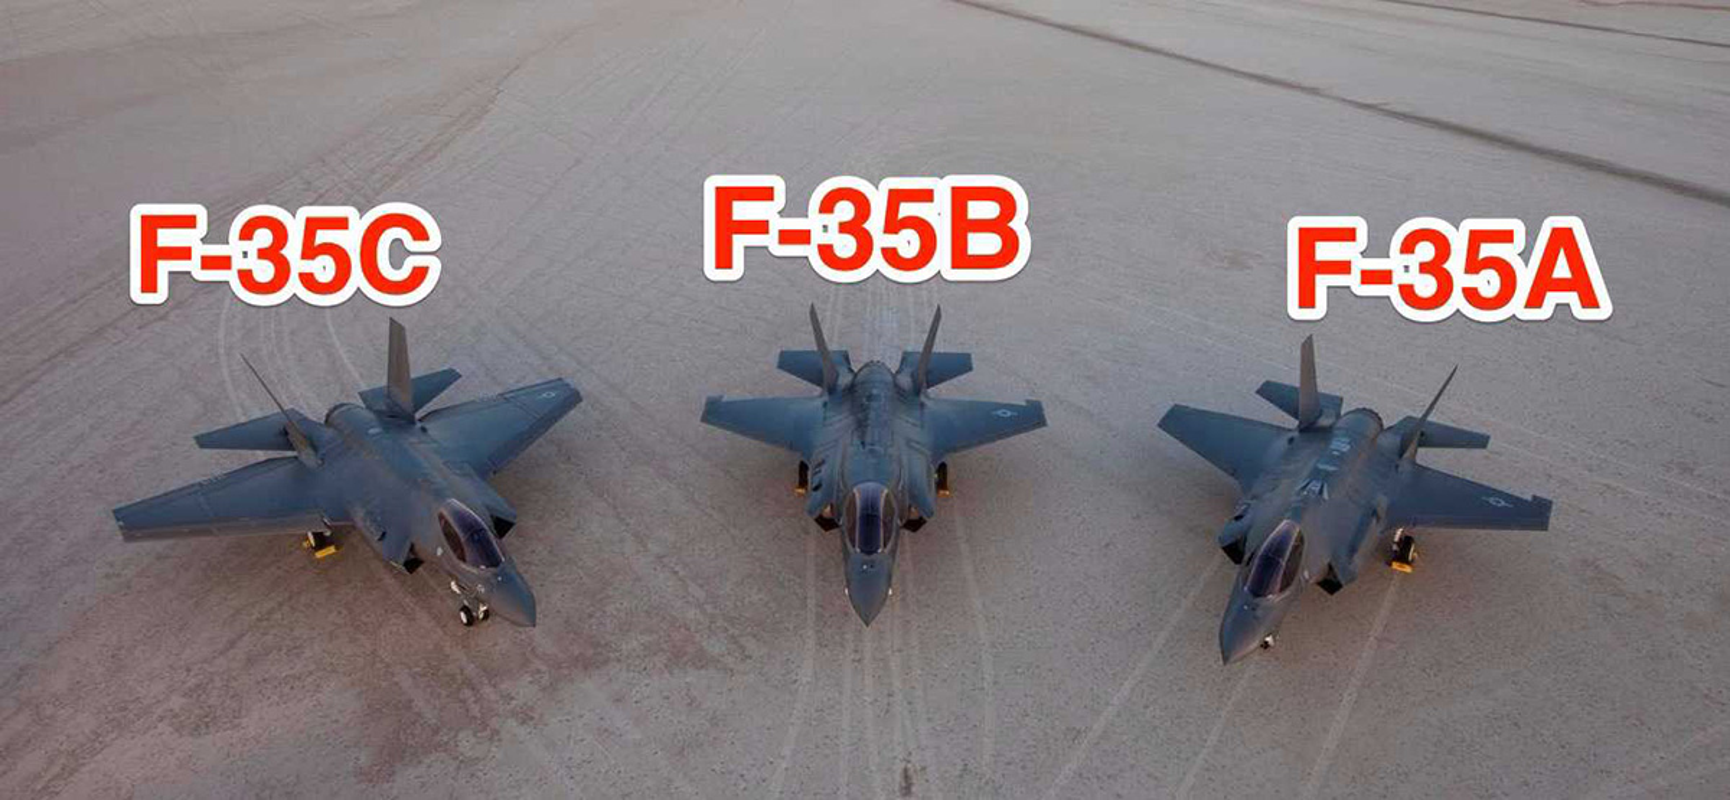 Tau san bay cua Anh dua F-35 My toi thach thuc Trung Quoc-Hinh-9